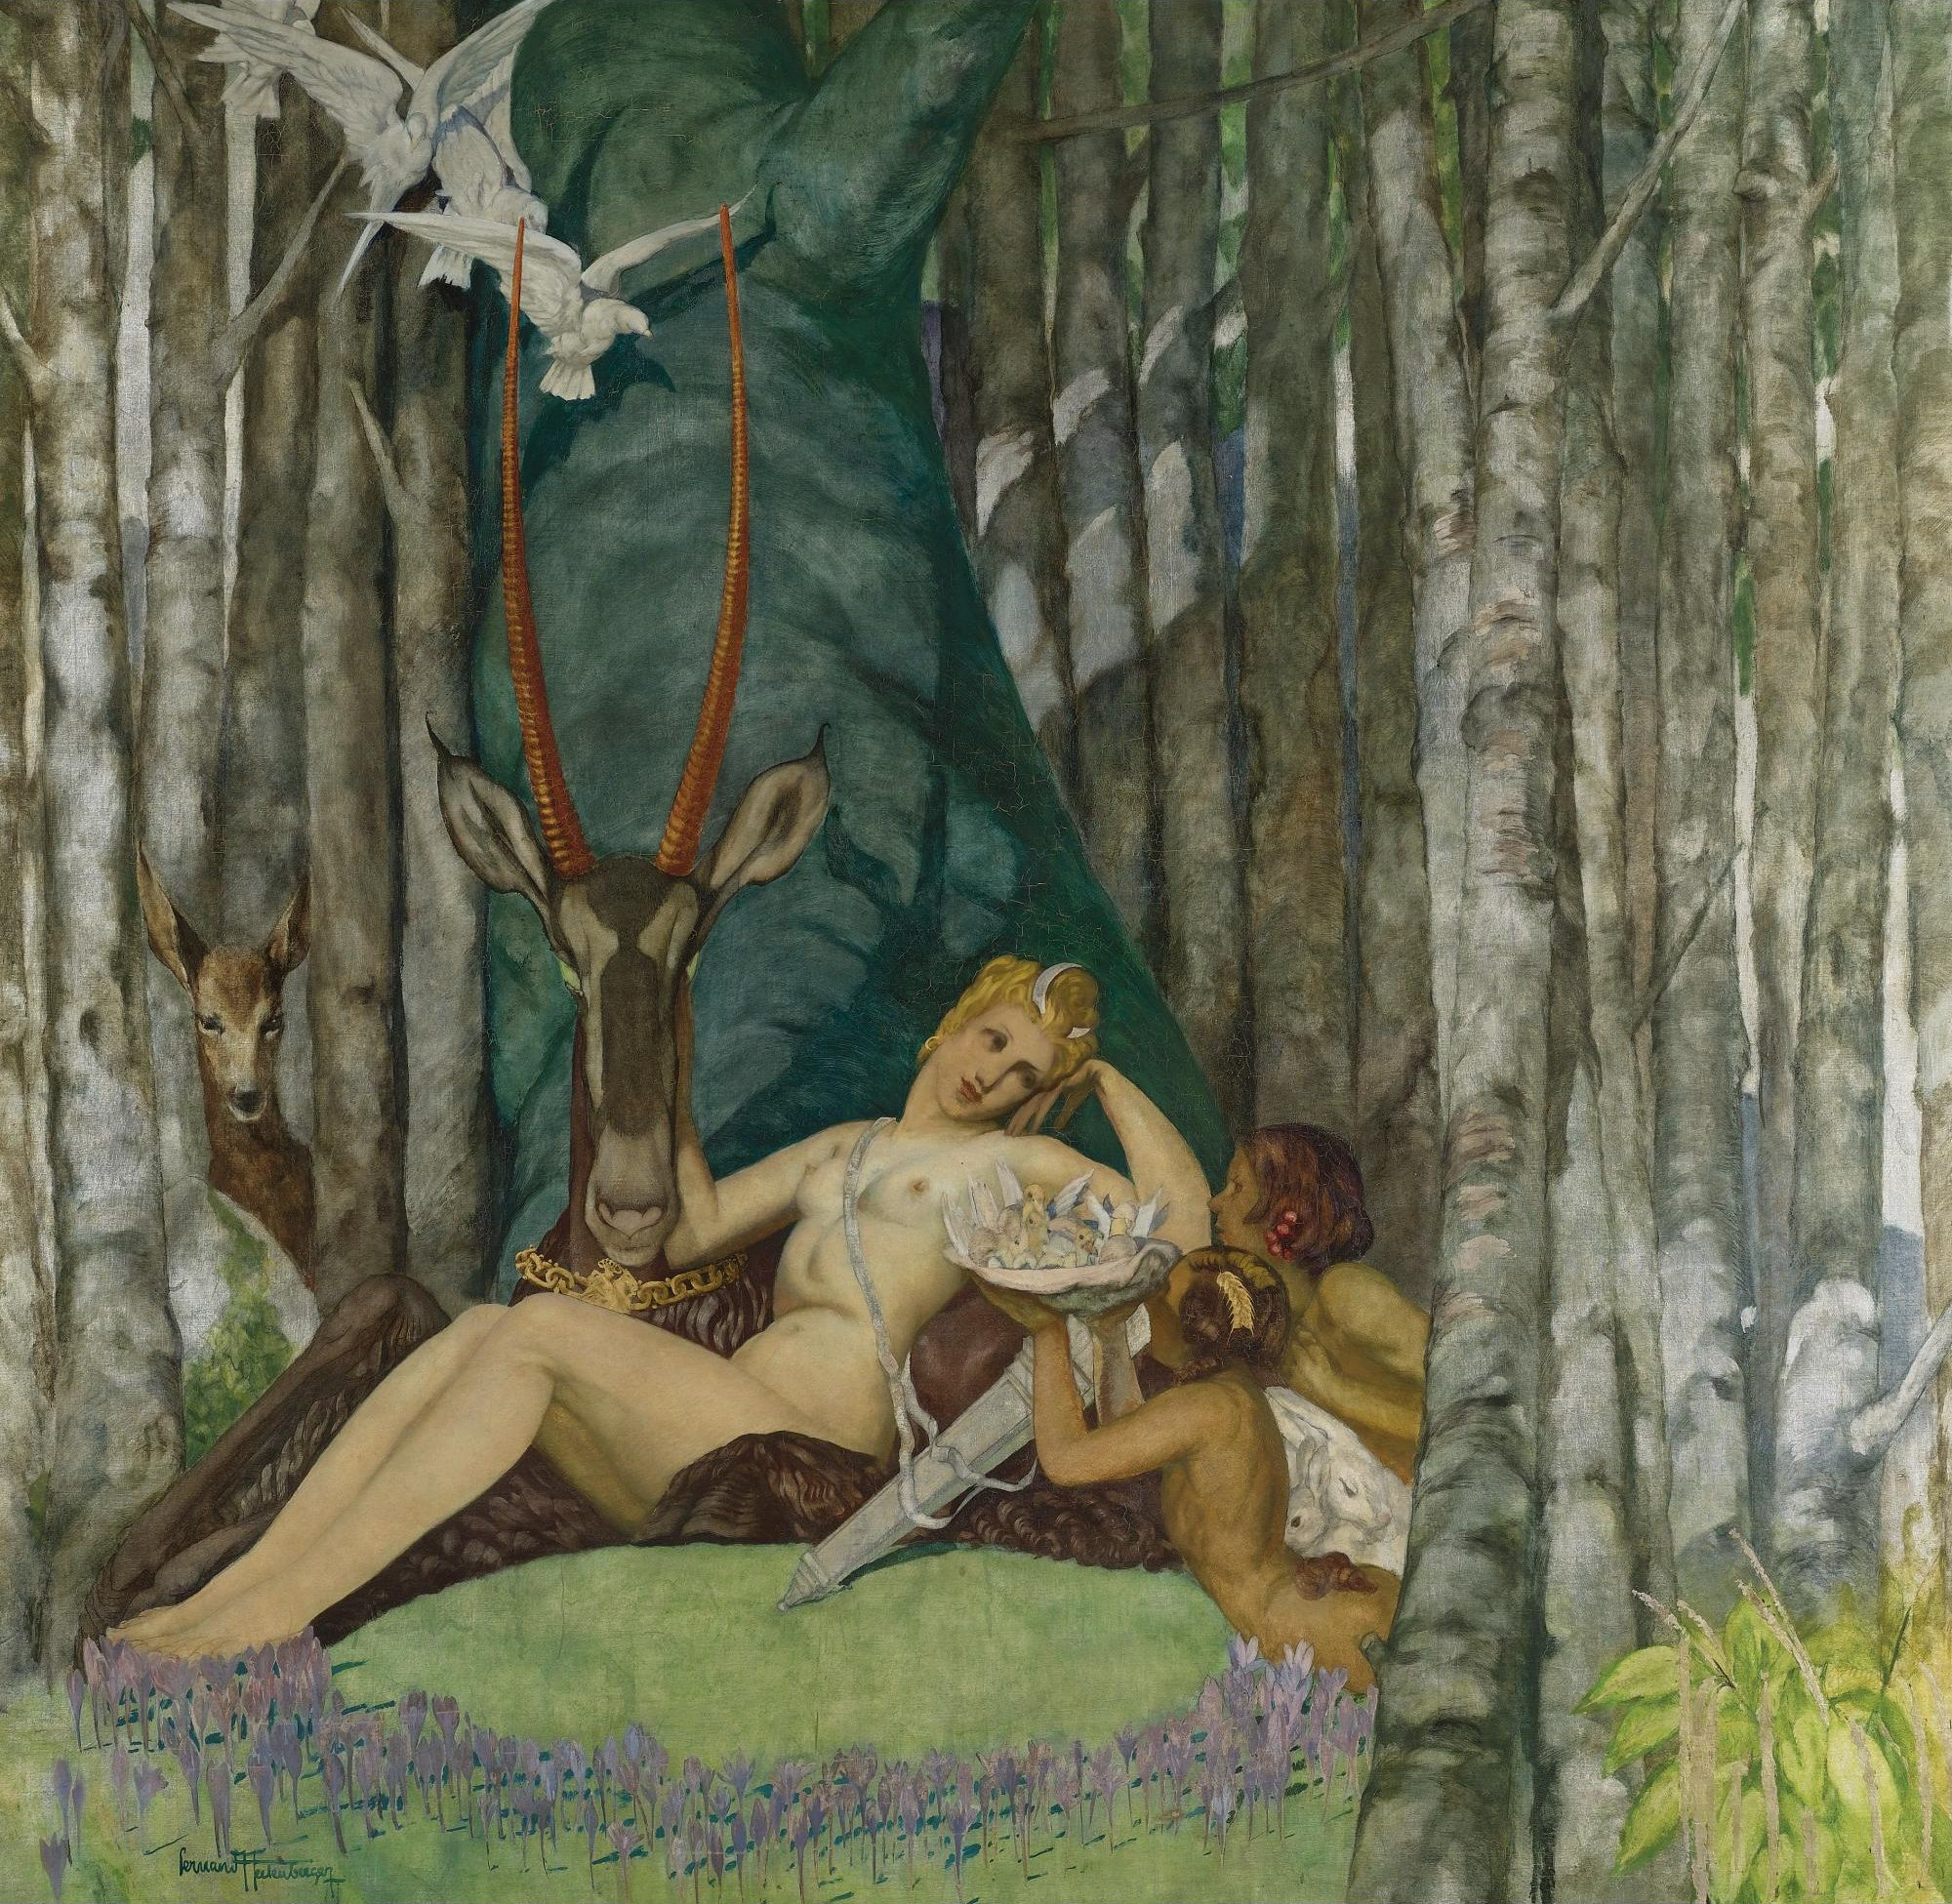 Fernand Hertenberger, 1882-1970. Диана. 193 х 187.9 см. Частная коллекция